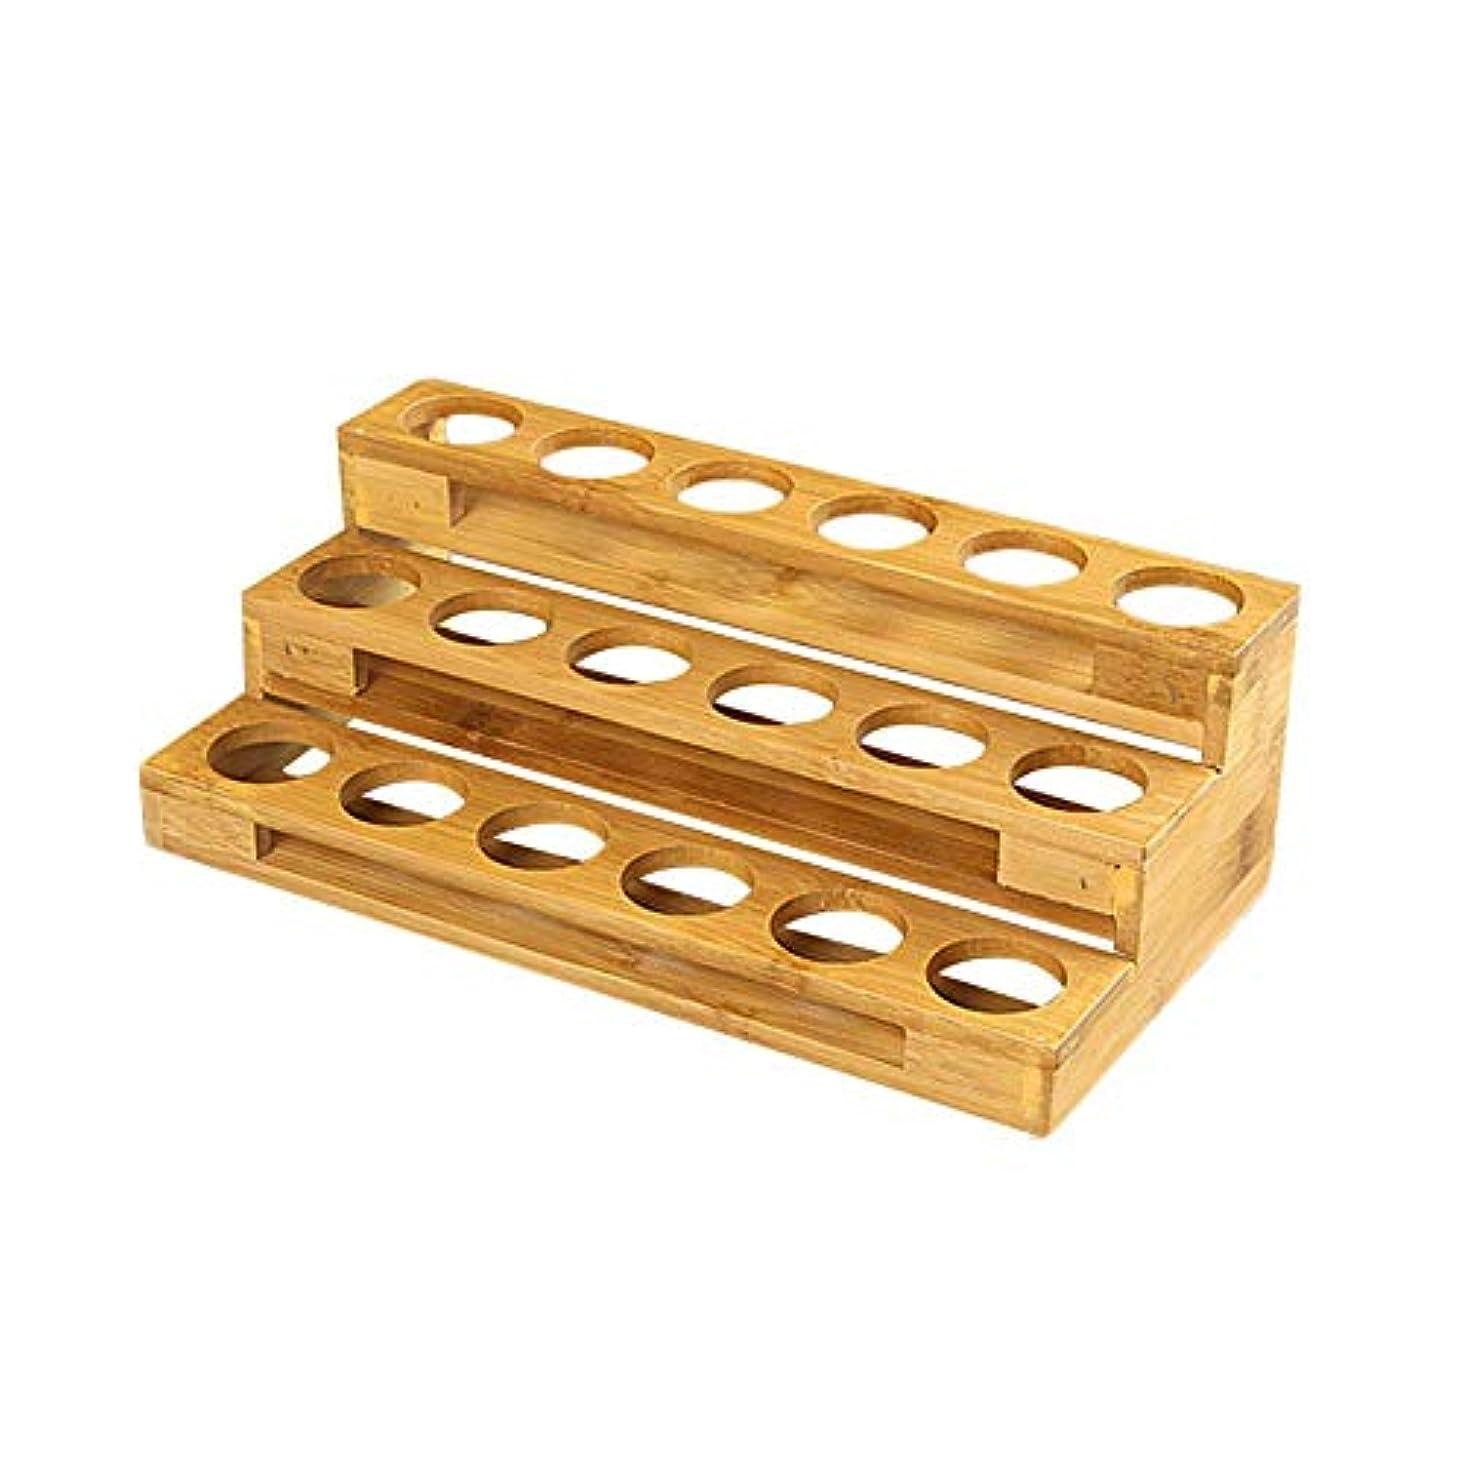 壮大夢中膨らみエッセンシャルオイル収納ボックス 自然木製 エッセンシャルオイルオイル 収納 ボックス 香水収納ケース はしごタイプ アロマオイル収納ボックス 18本用